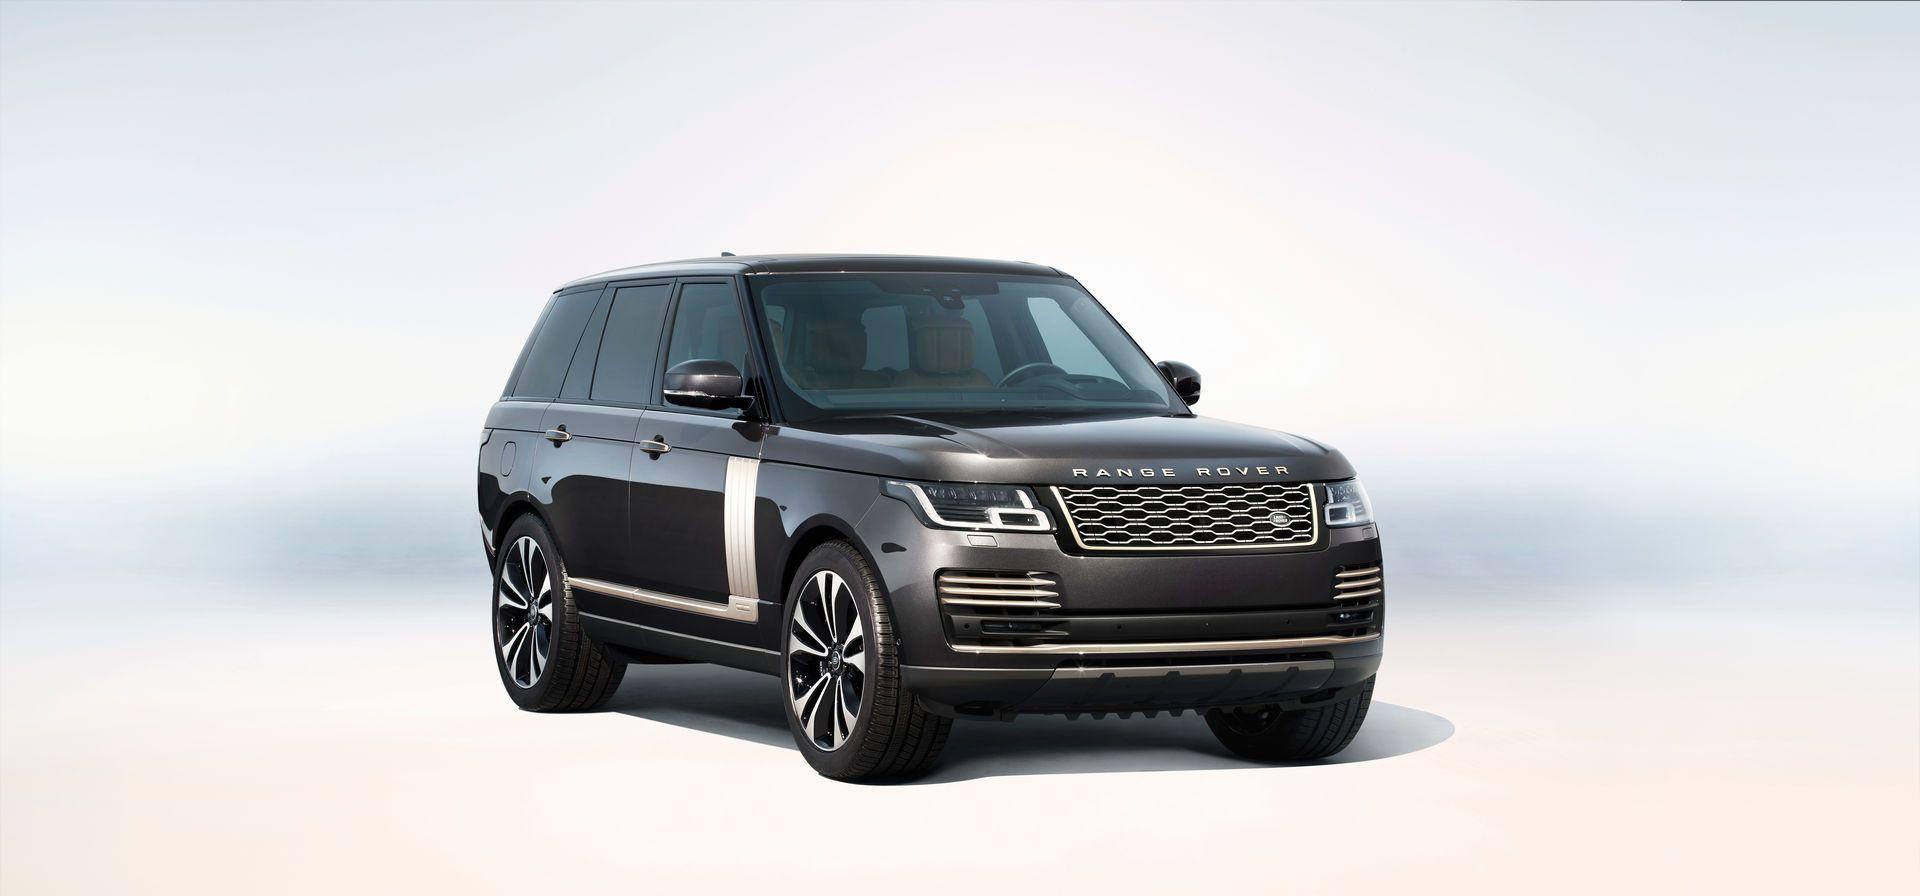 2021-Range-Rover-26